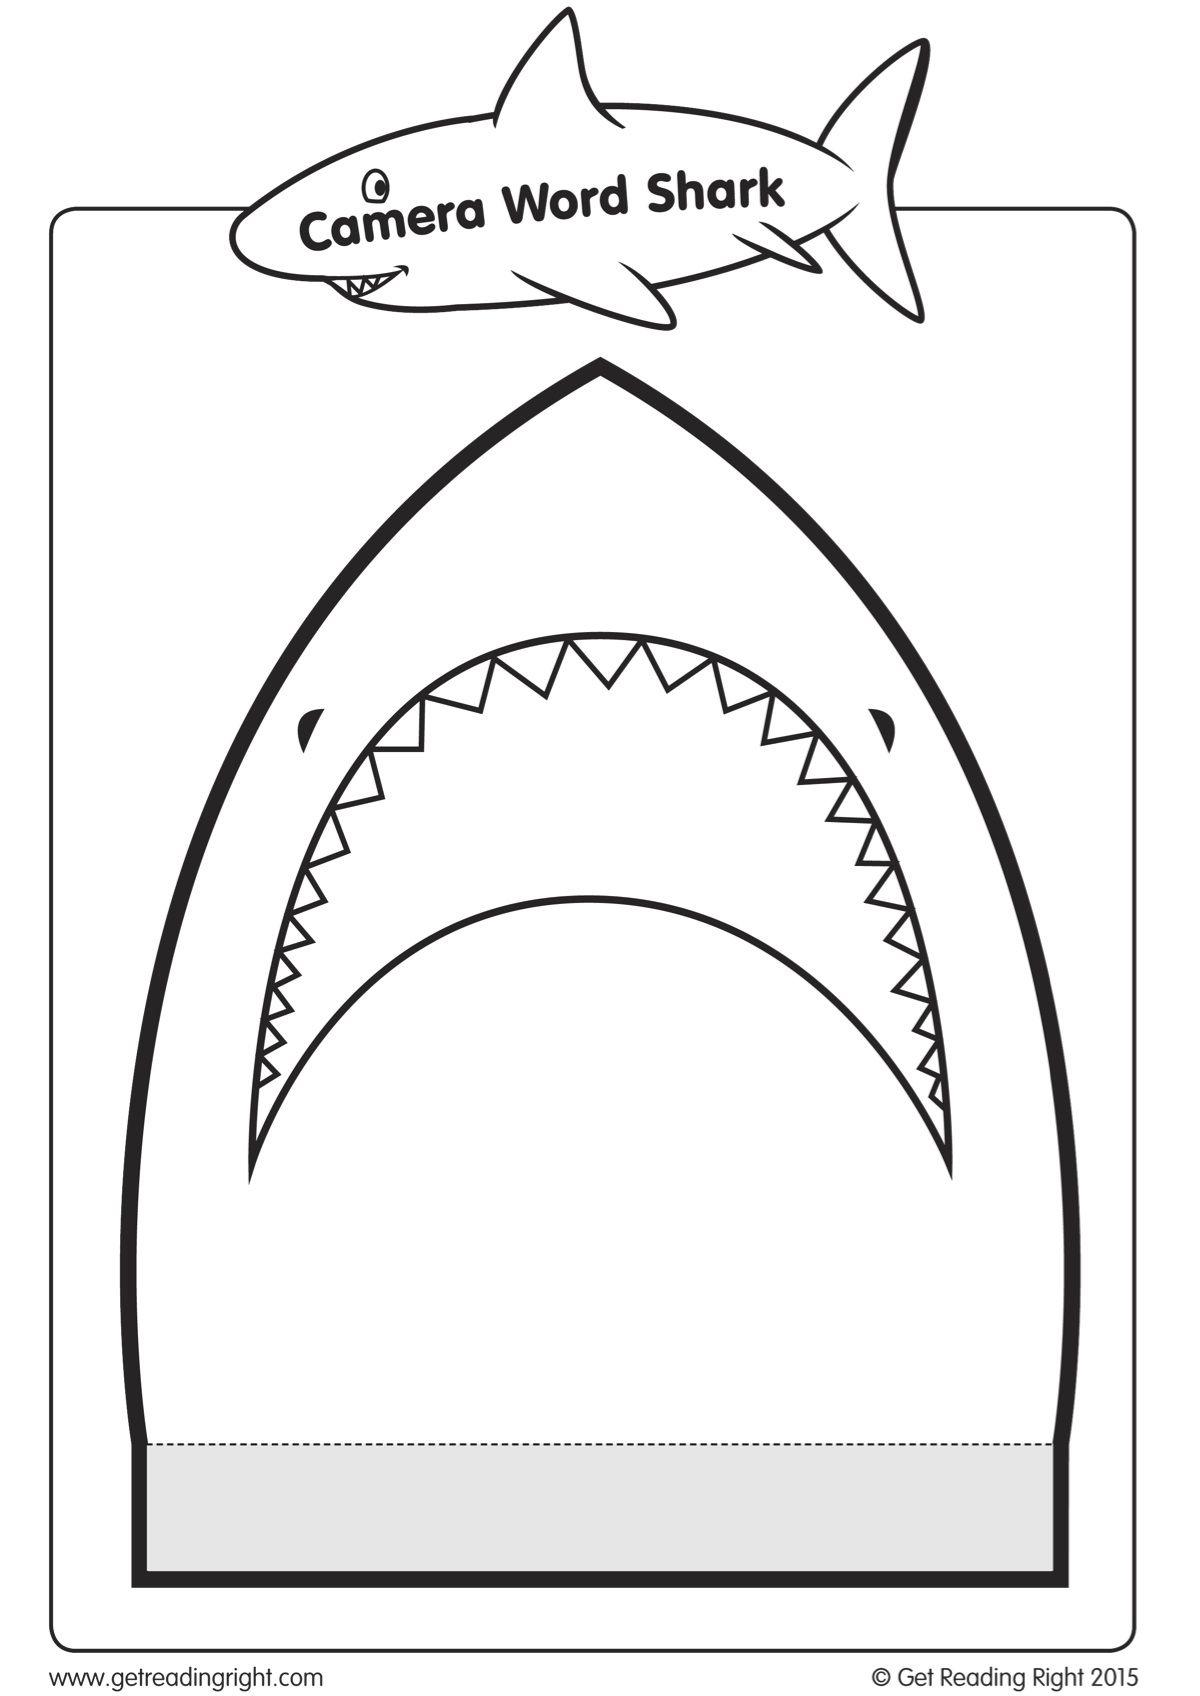 Camera Word Shark Rotation Activity